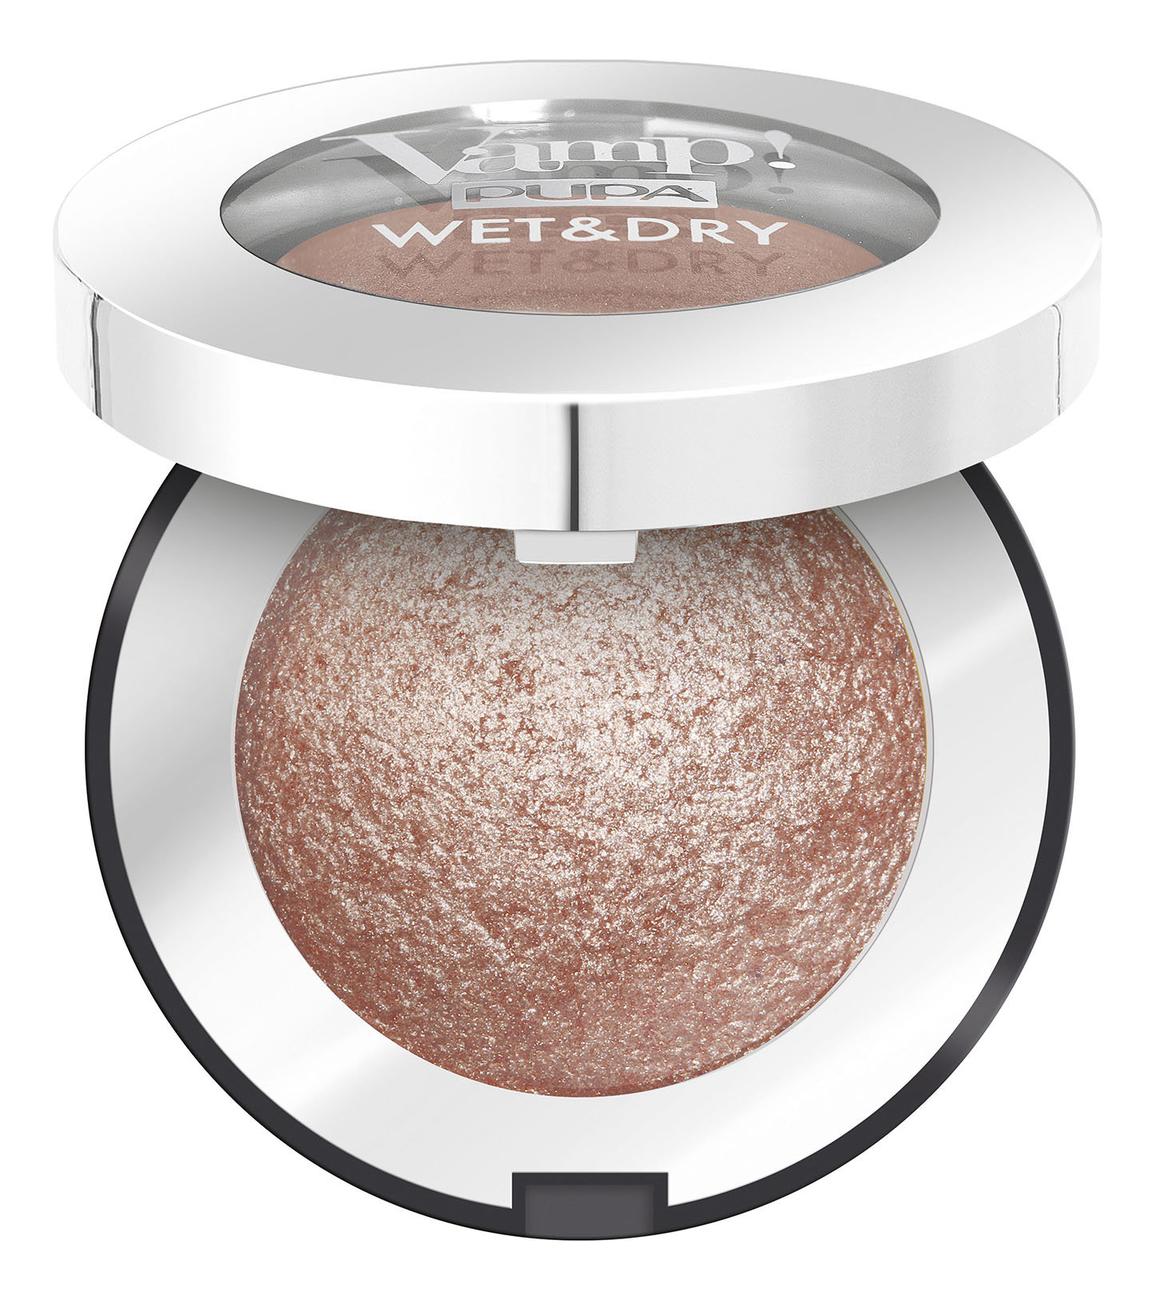 Запеченные тени для век Vamp! Wet & Dry Eyeshadow 1г: 103 Rose Gold